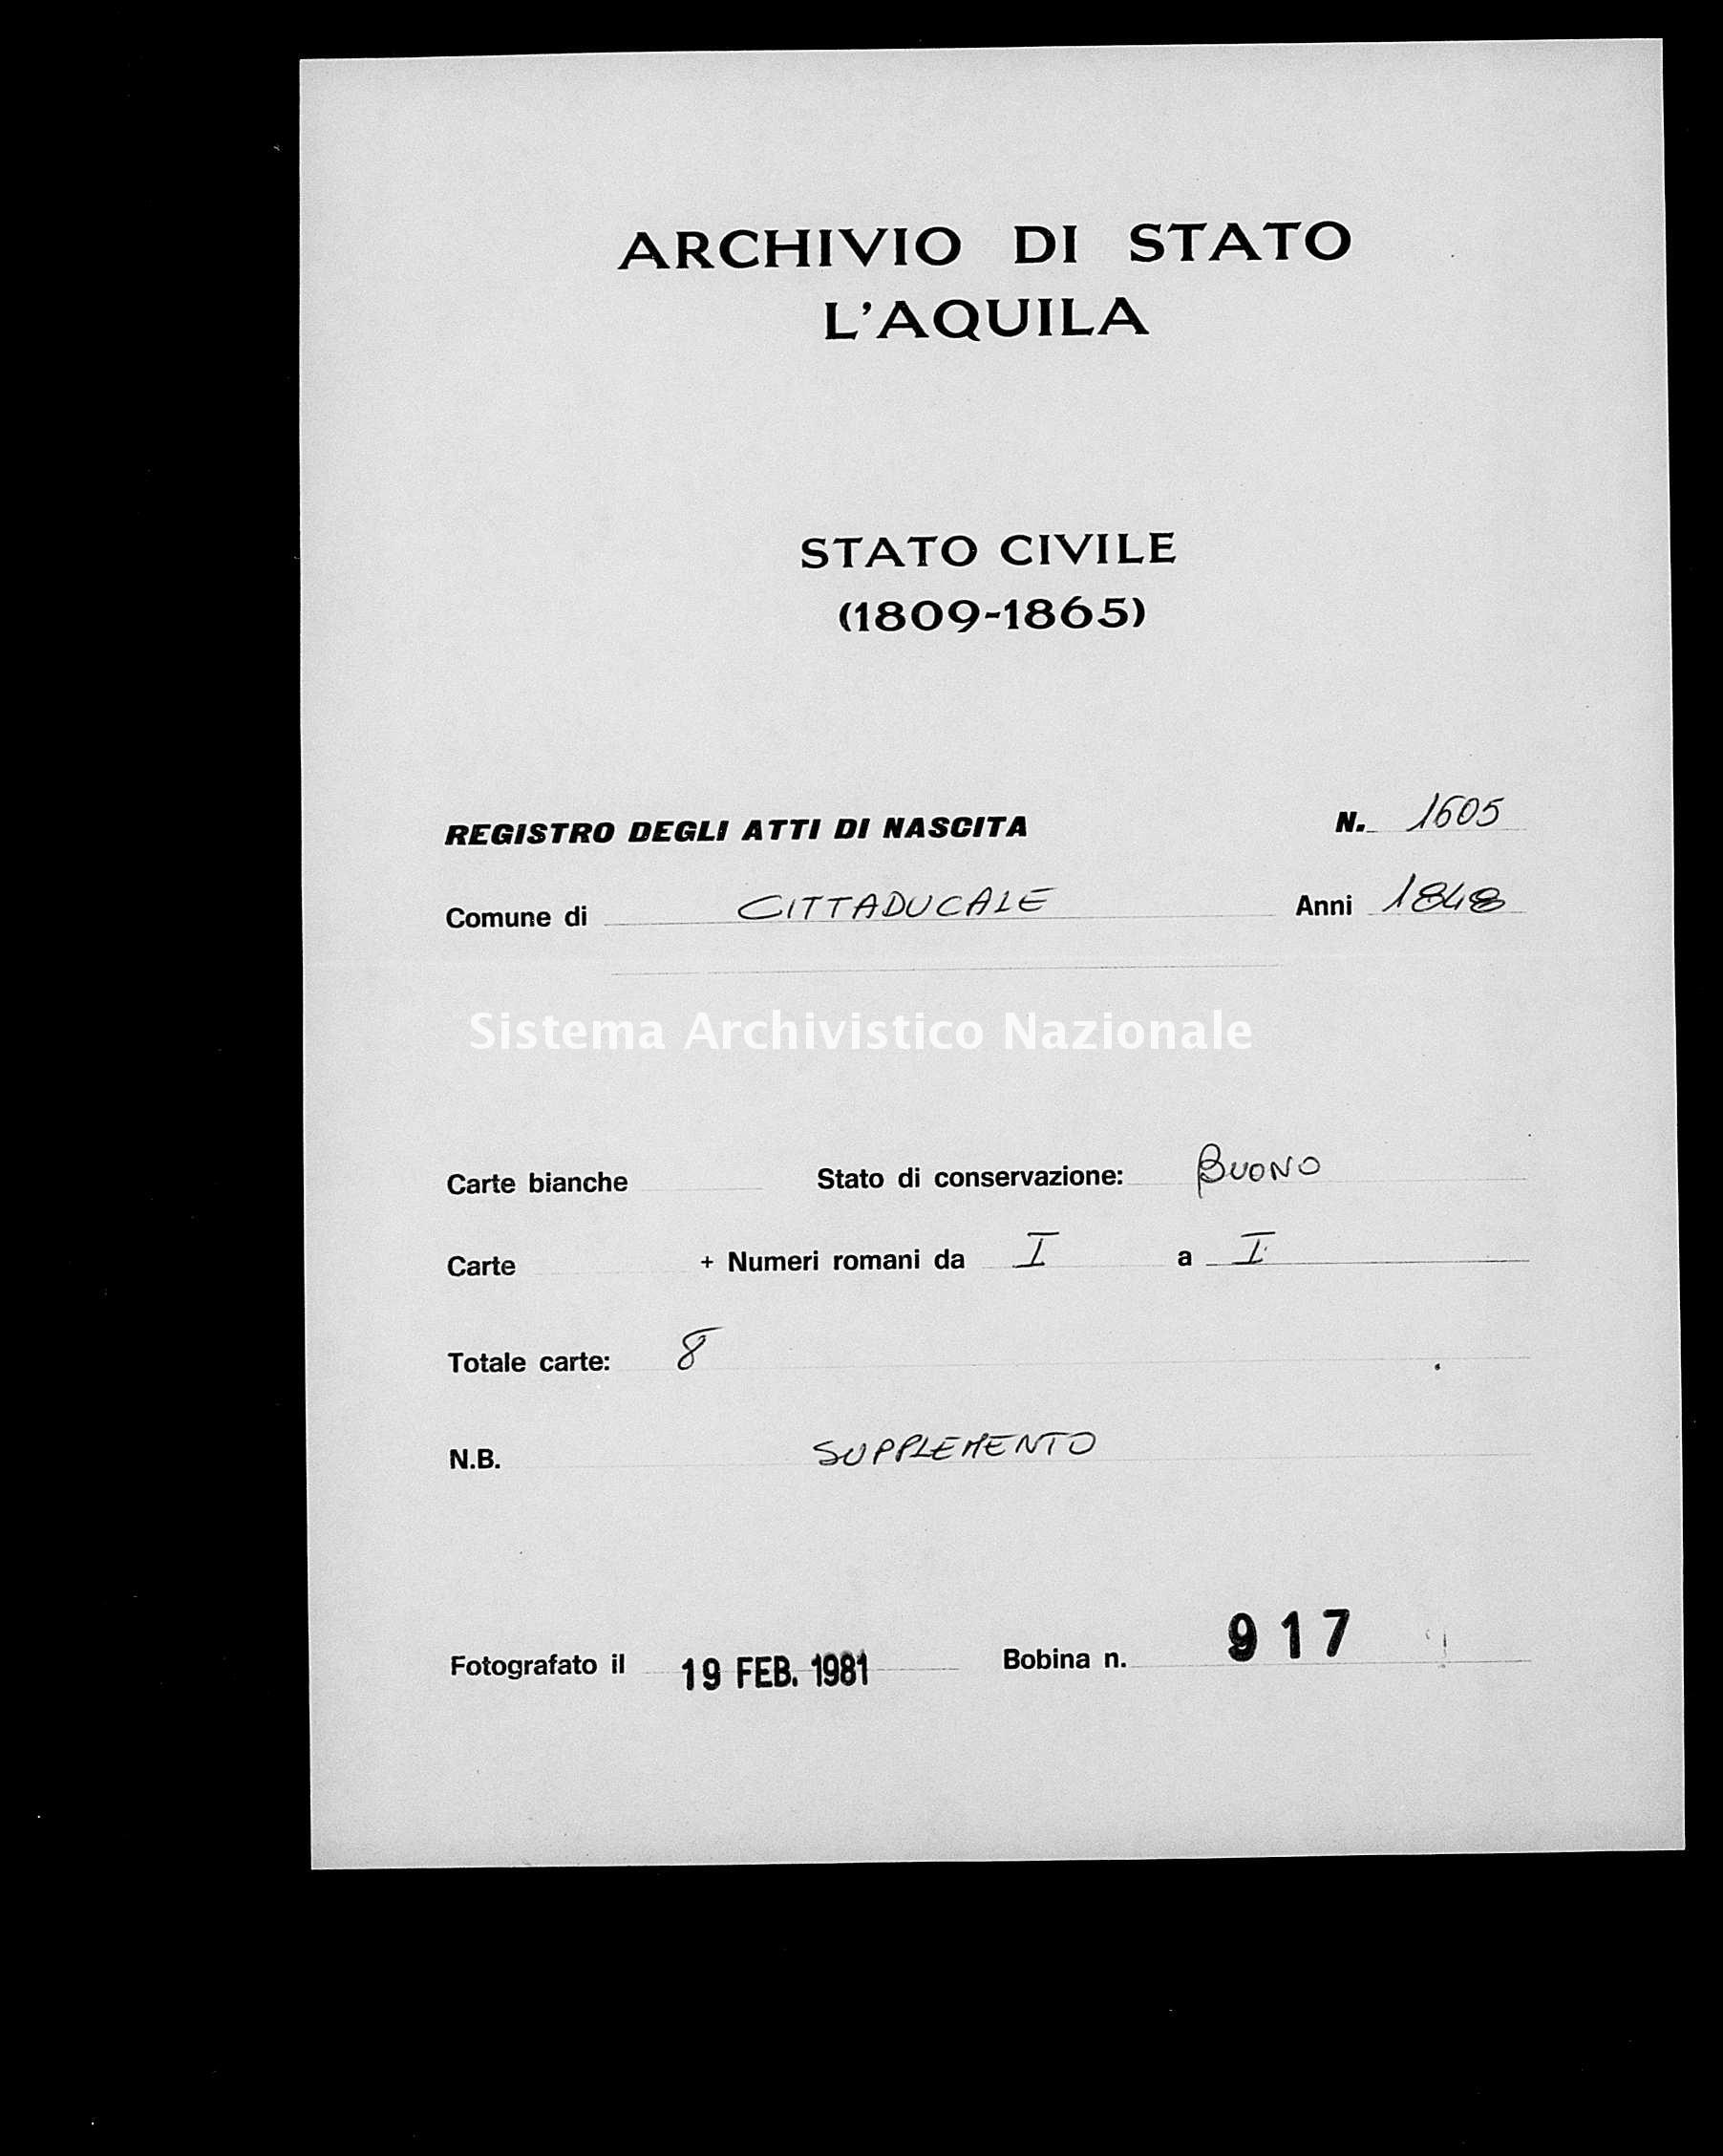 Archivio di stato di L'aquila - Stato civile della restaurazione - Cittaducale - Nati, esposti - 1848 - 1605 -